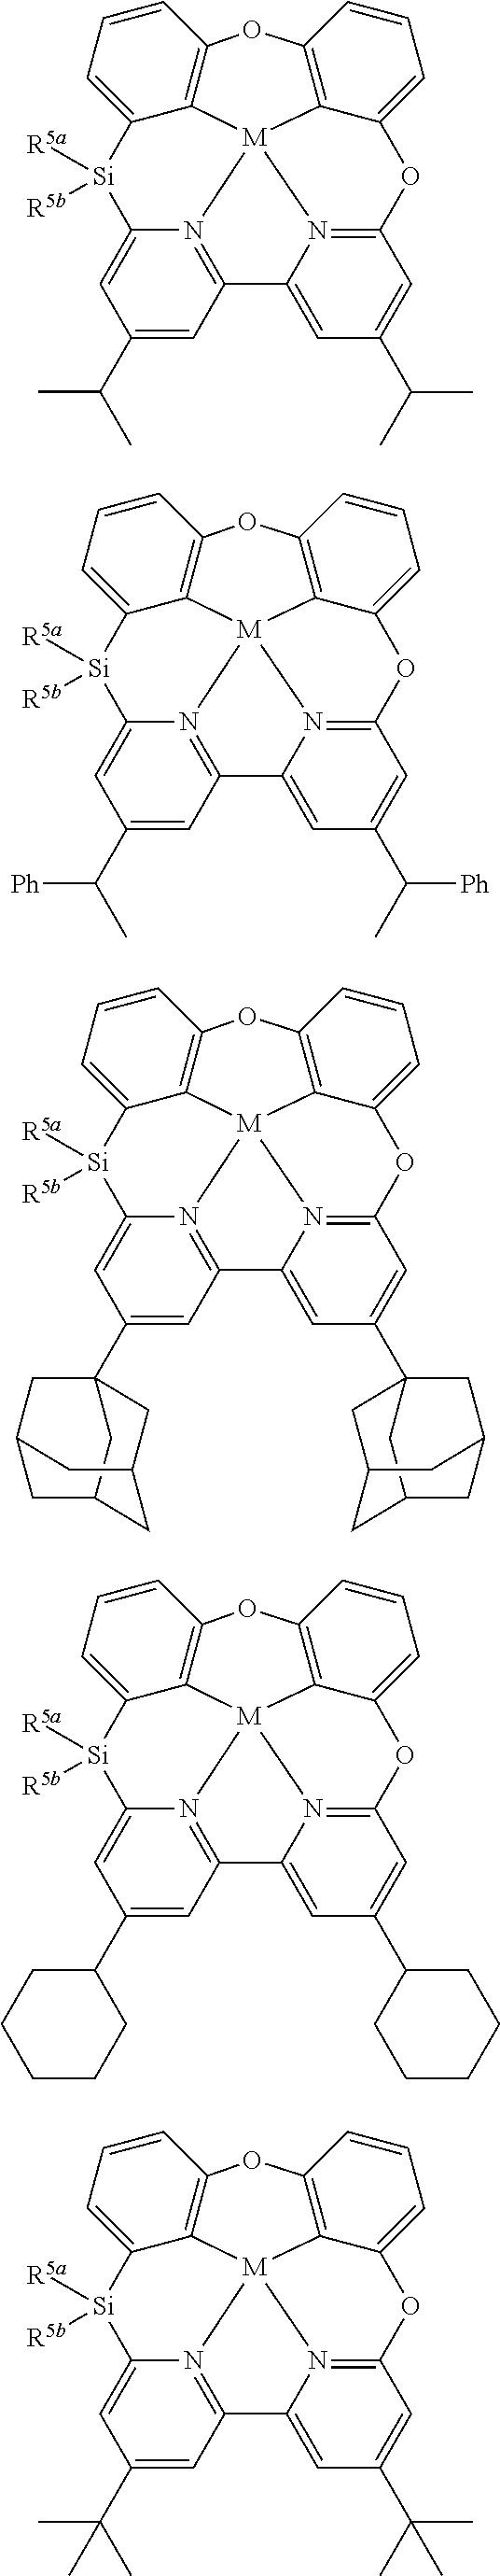 Figure US10158091-20181218-C00050